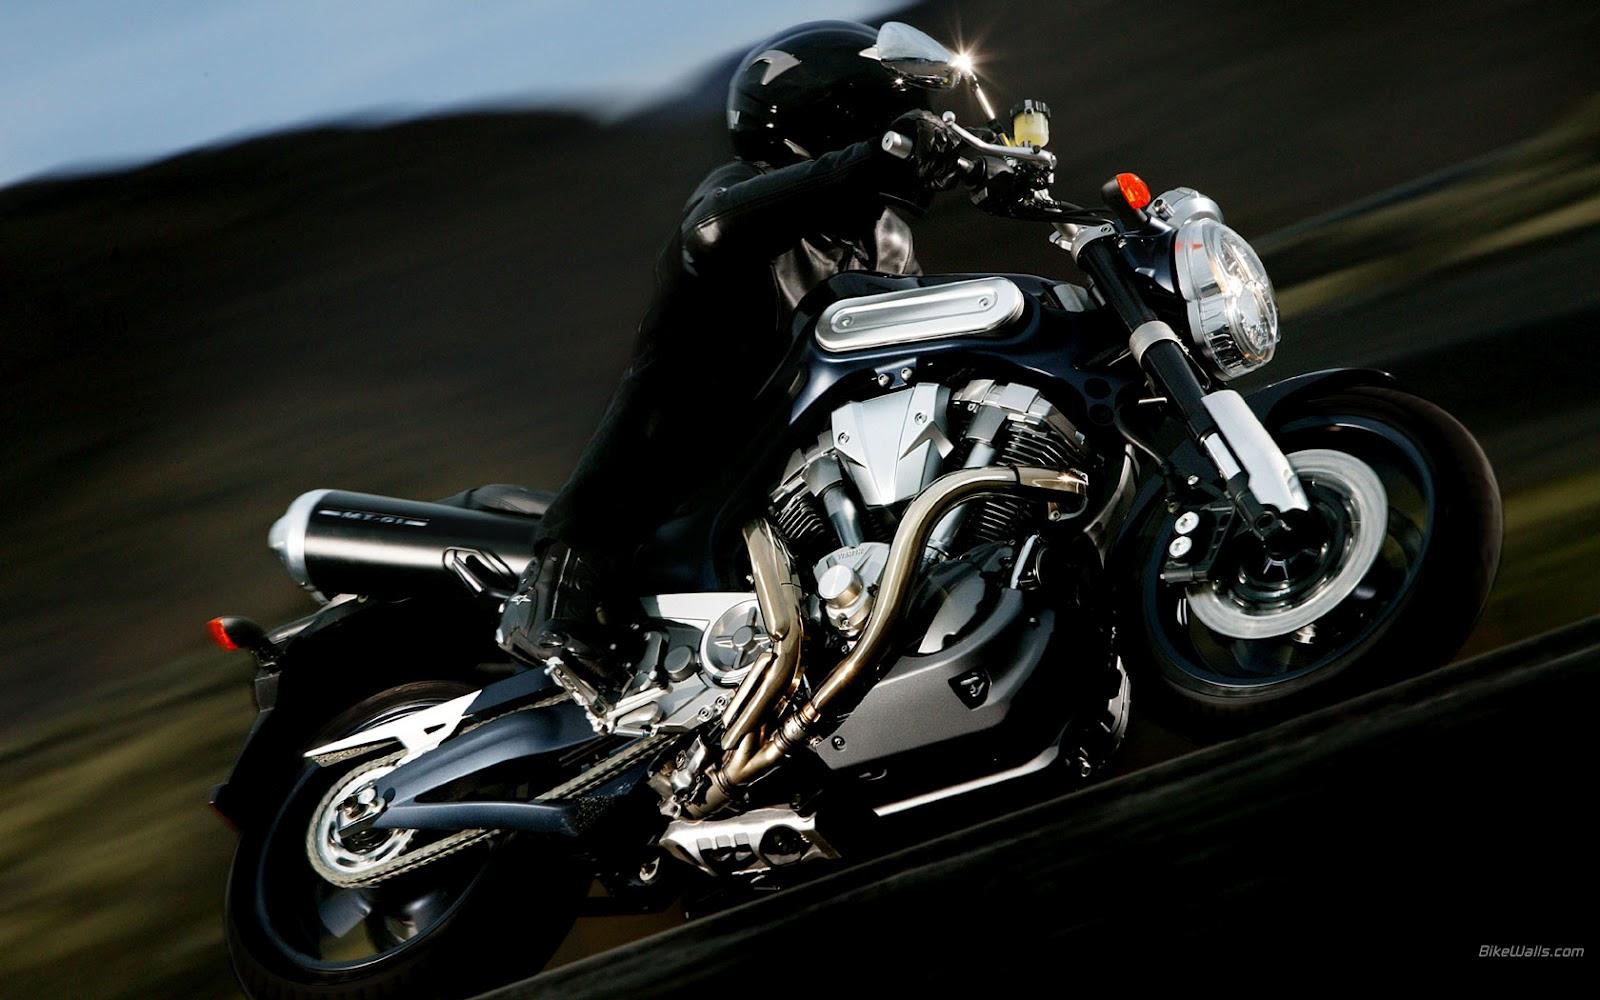 http://4.bp.blogspot.com/-fLBoJTb7YbU/T0qPZkhXyyI/AAAAAAAAA-c/NuU15zDbeCM/s1600/HD+Mix+Bikes+2012+%252810%2529.jpg